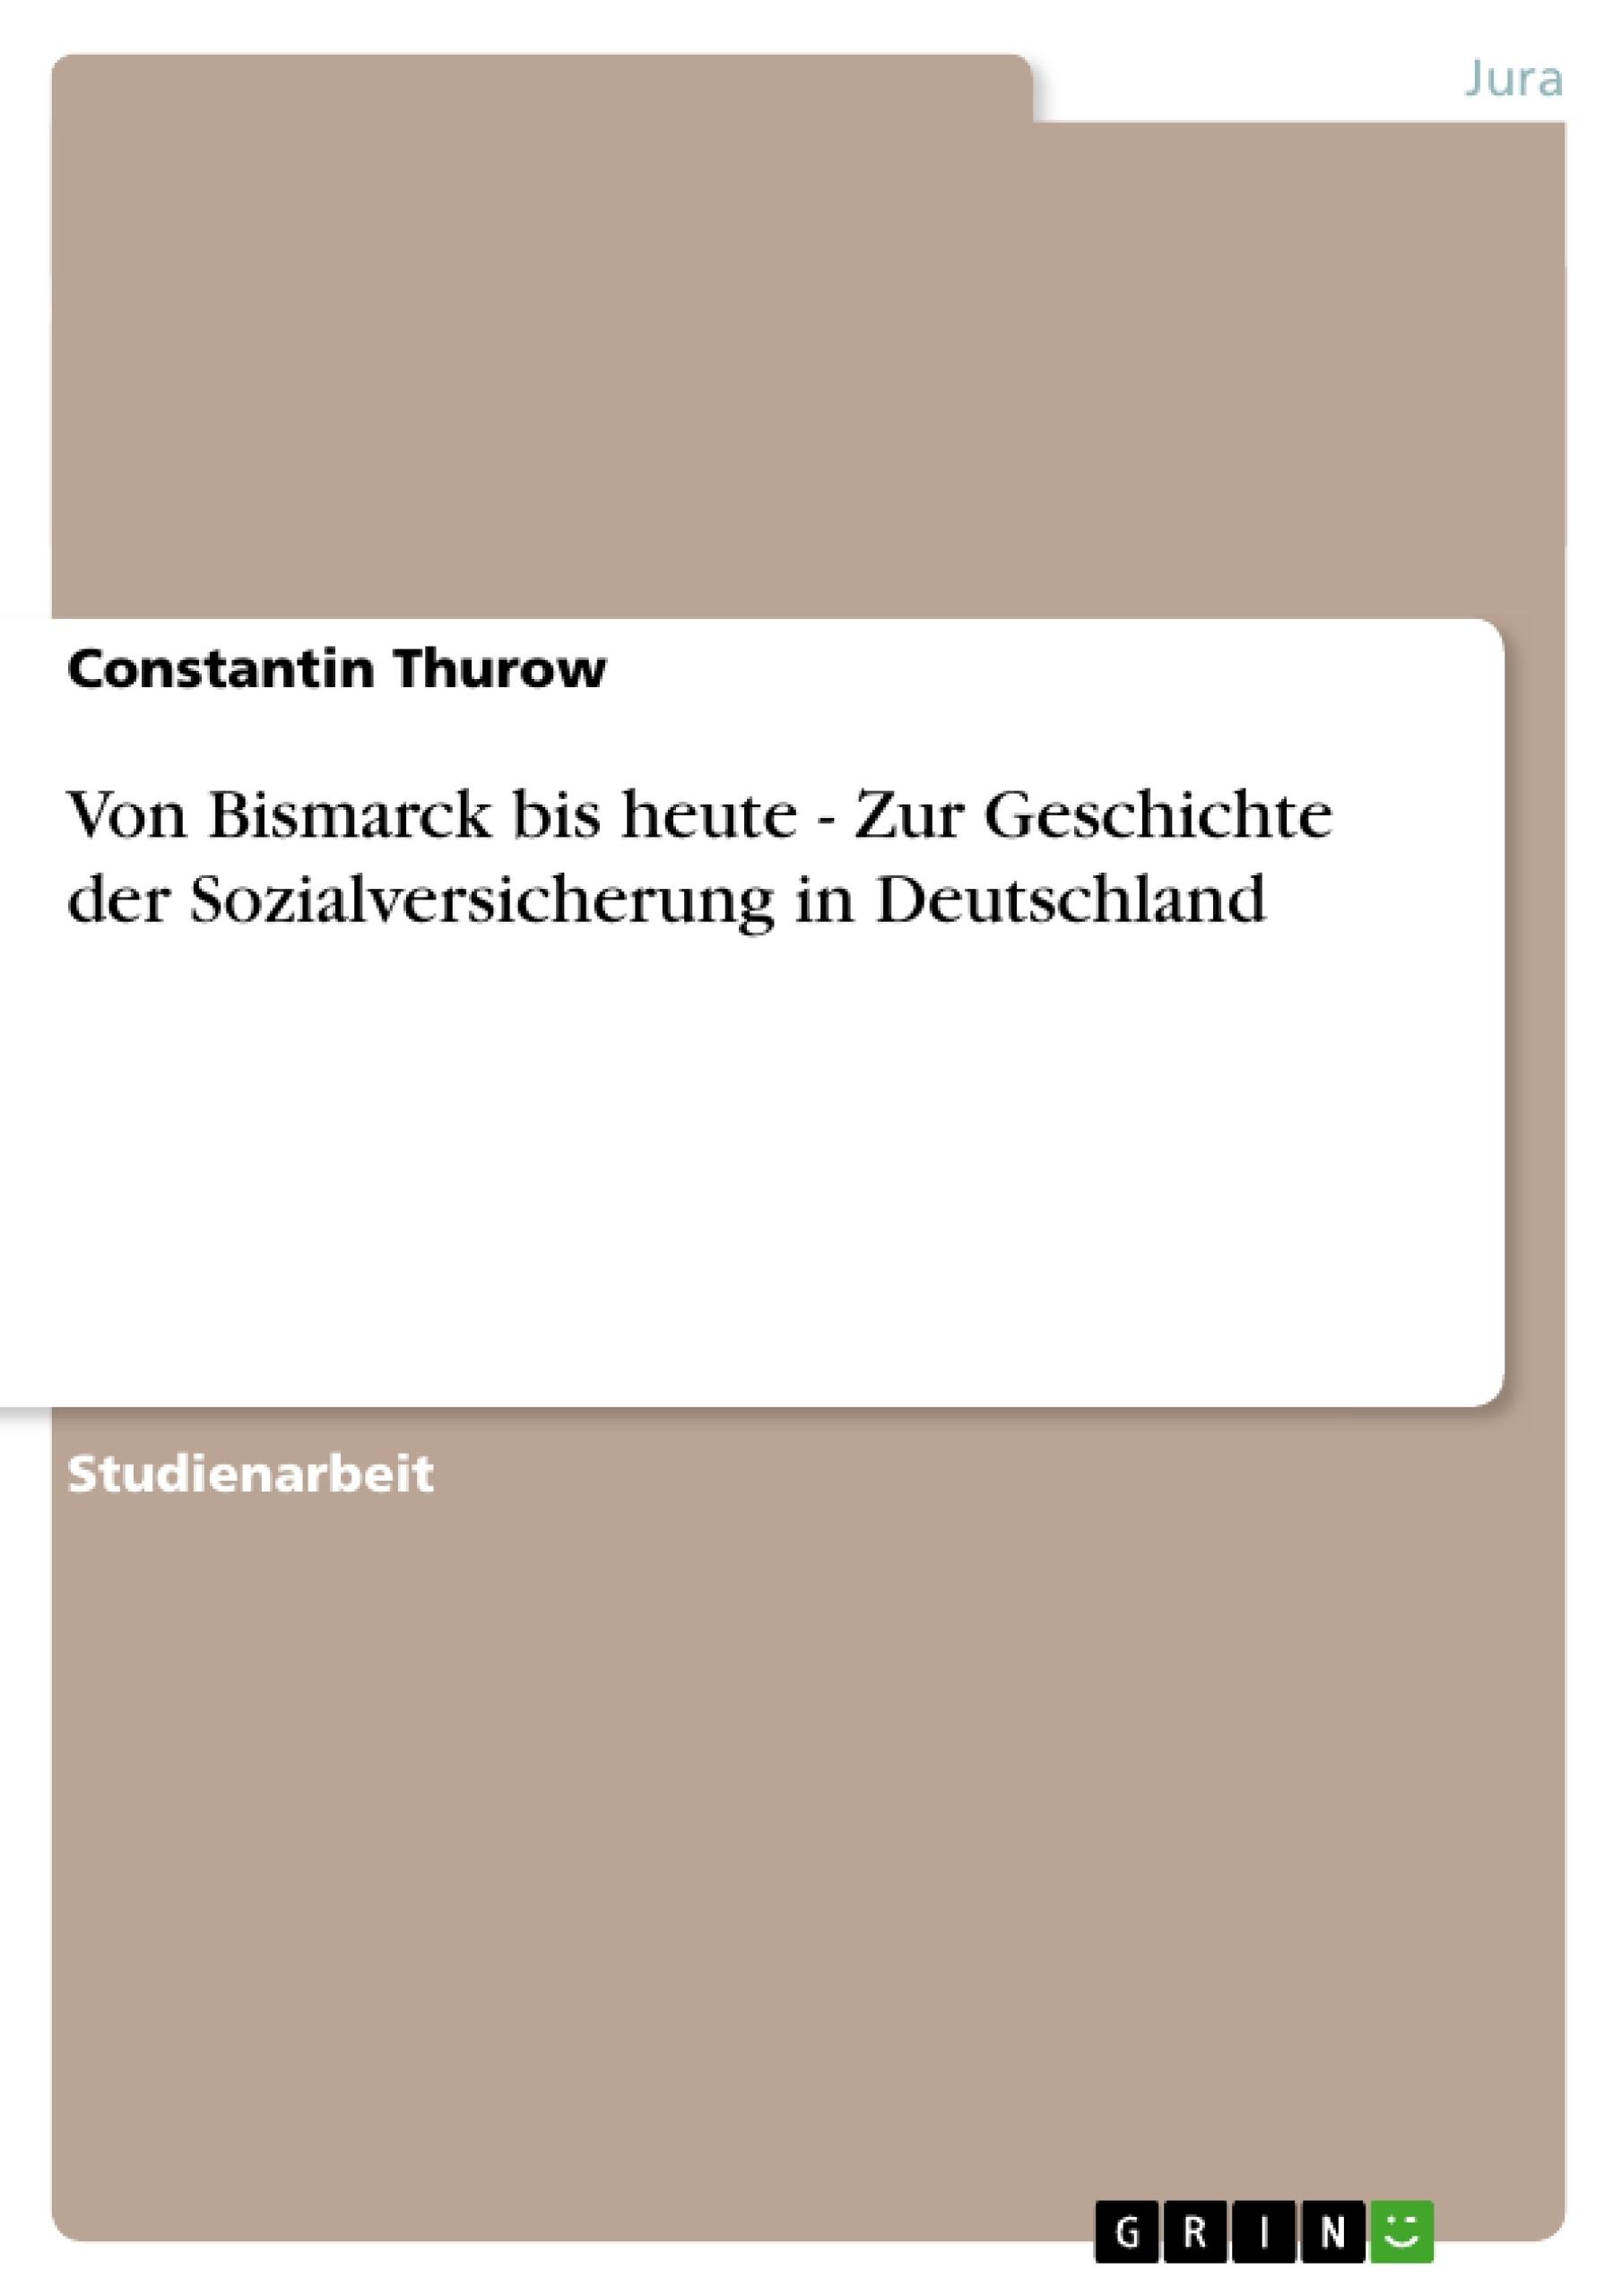 Titel: Von Bismarck bis heute - Zur Geschichte der Sozialversicherung in Deutschland